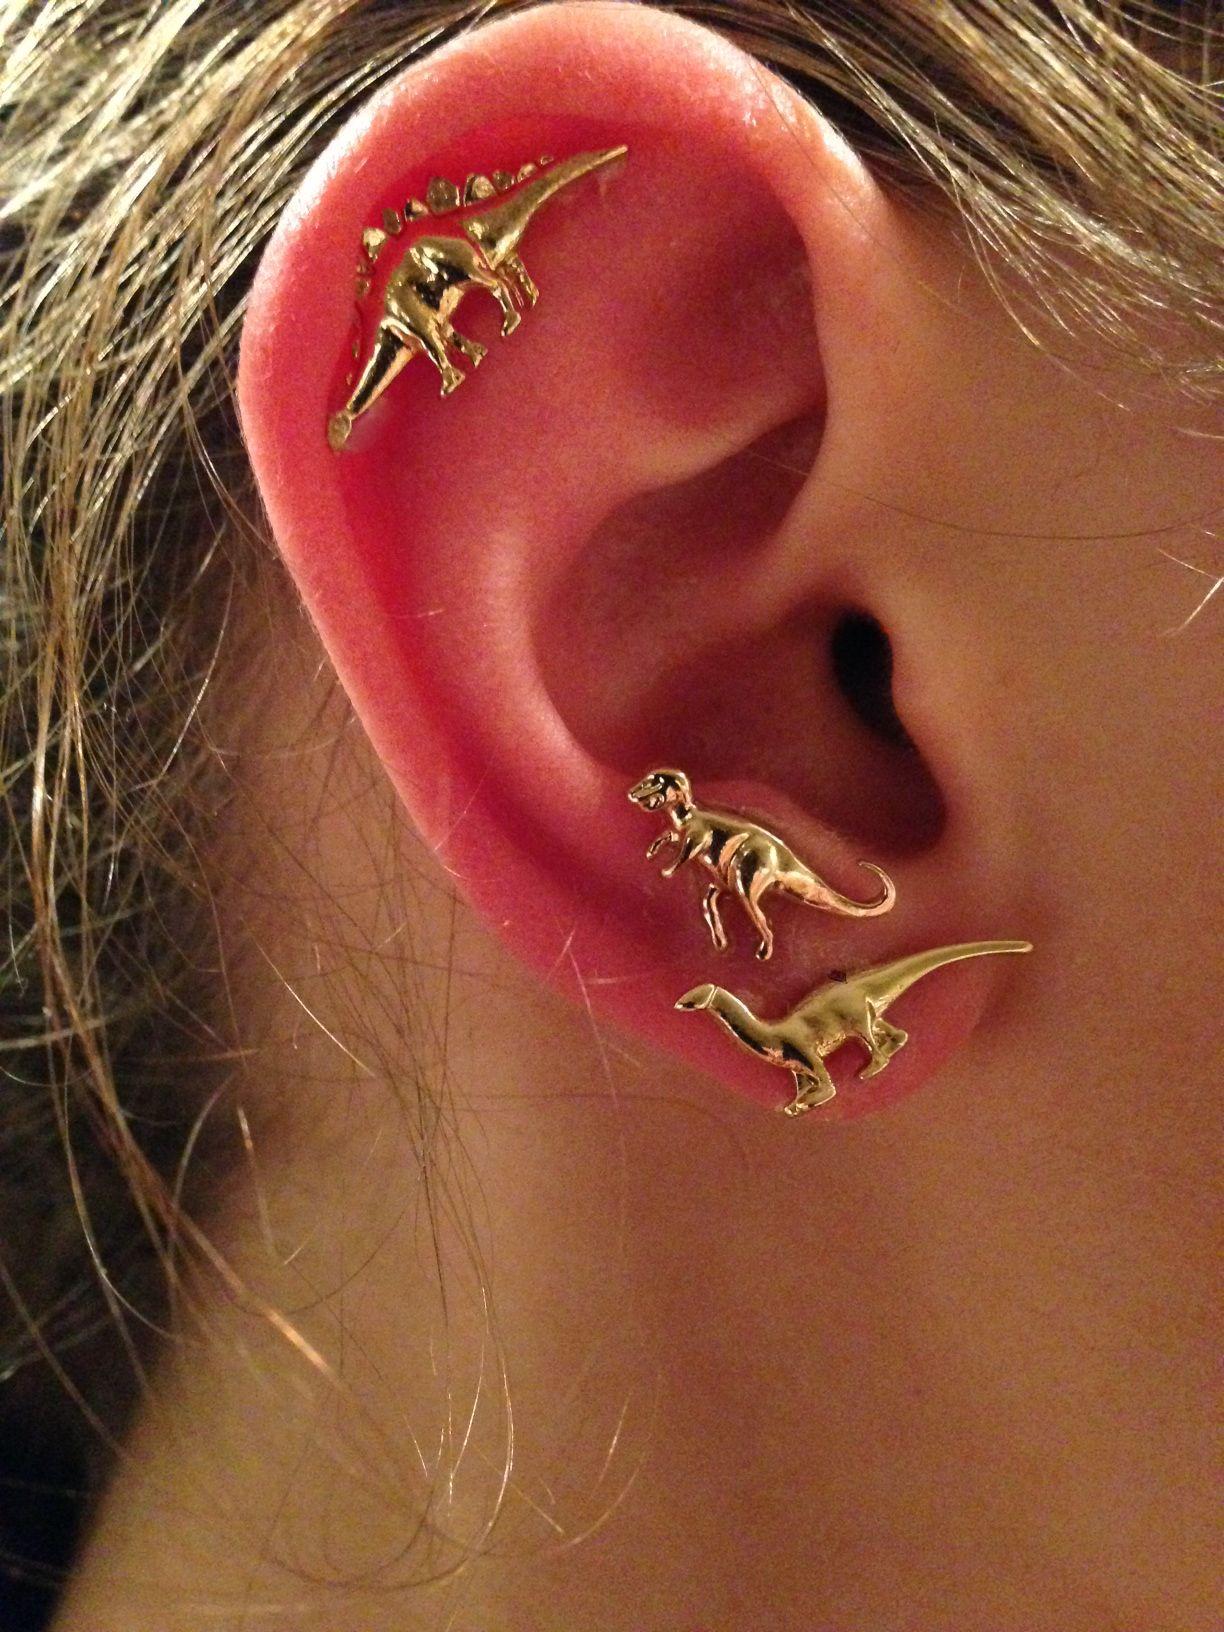 77abc7efb21a 20 Atrevidos piercings para la oreja que sacarán tu lado sexy y ...